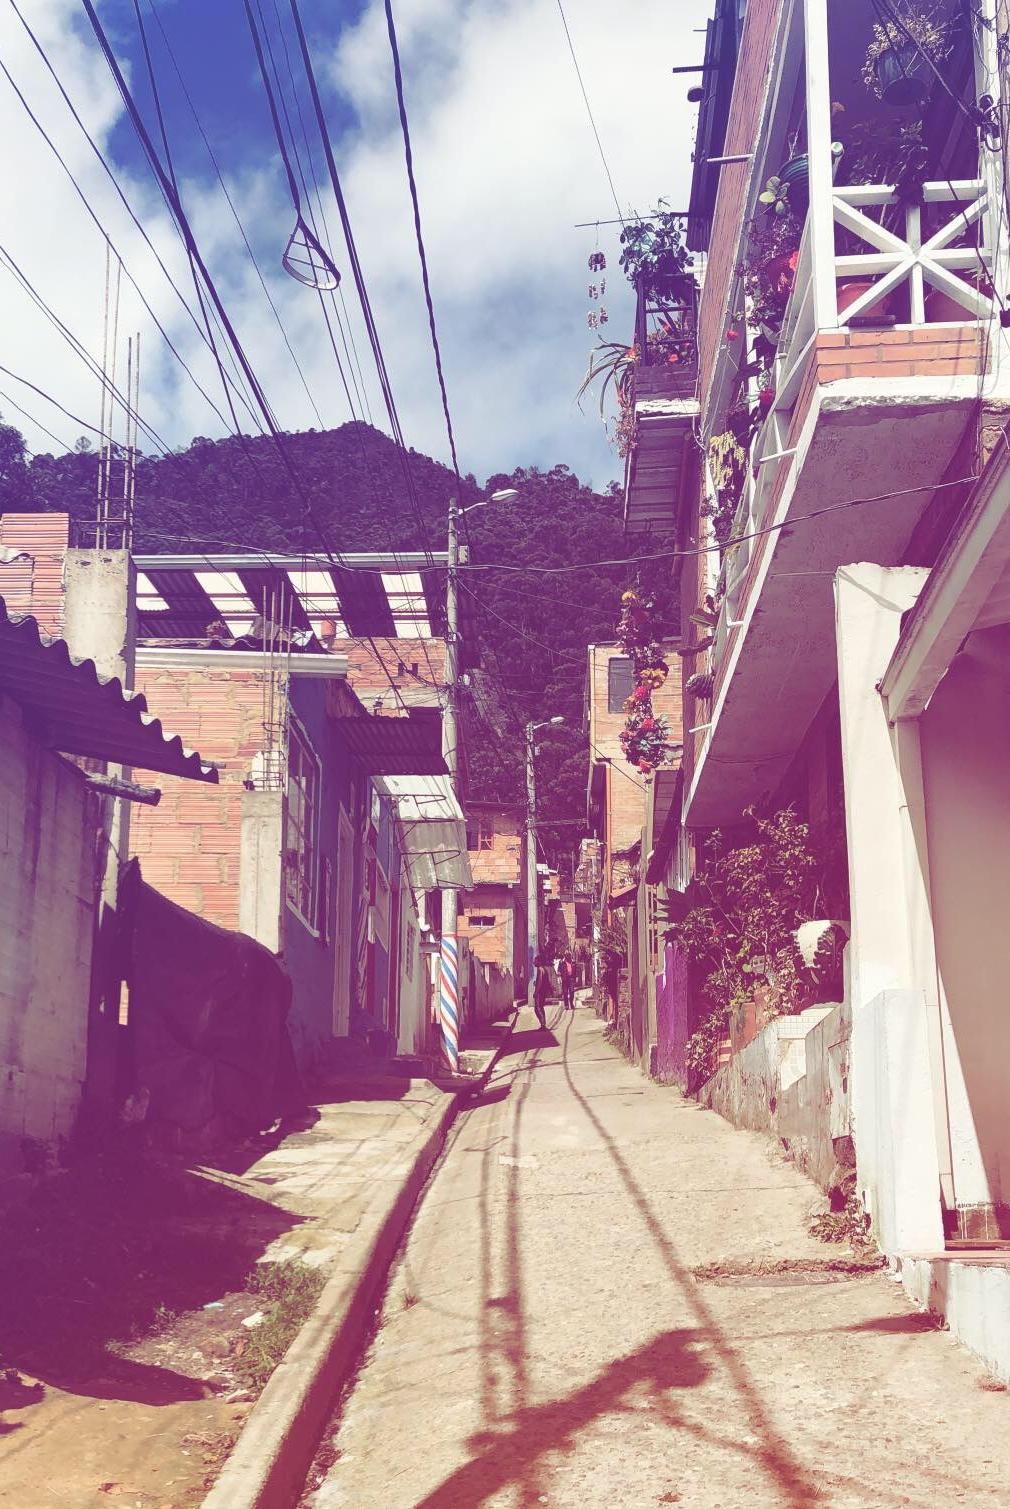 La Delicia, th neighborhood described above.